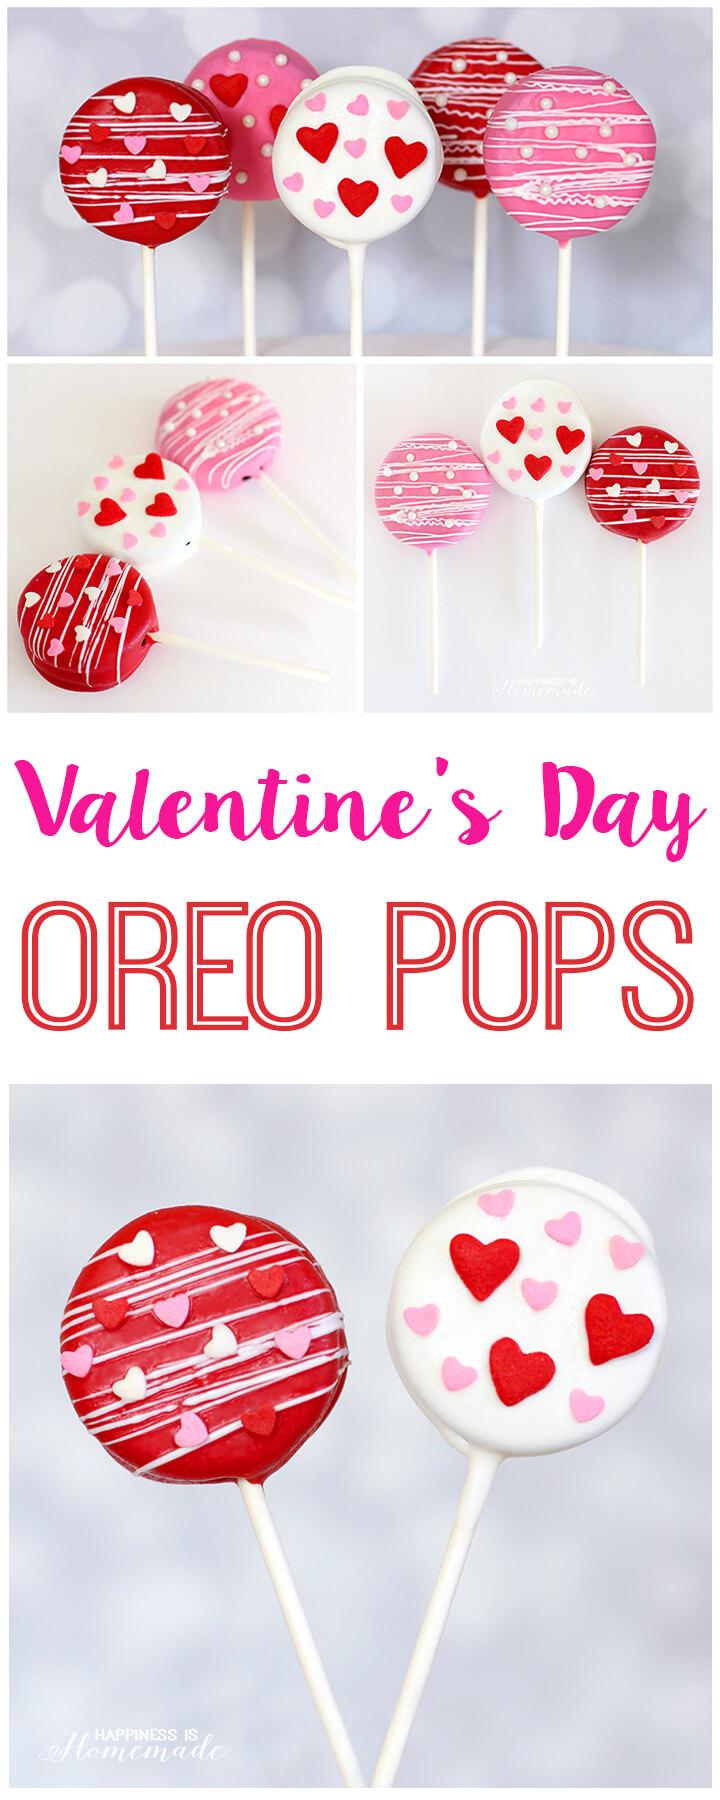 Super Cute Valentine's Day Oreo Pops Treat